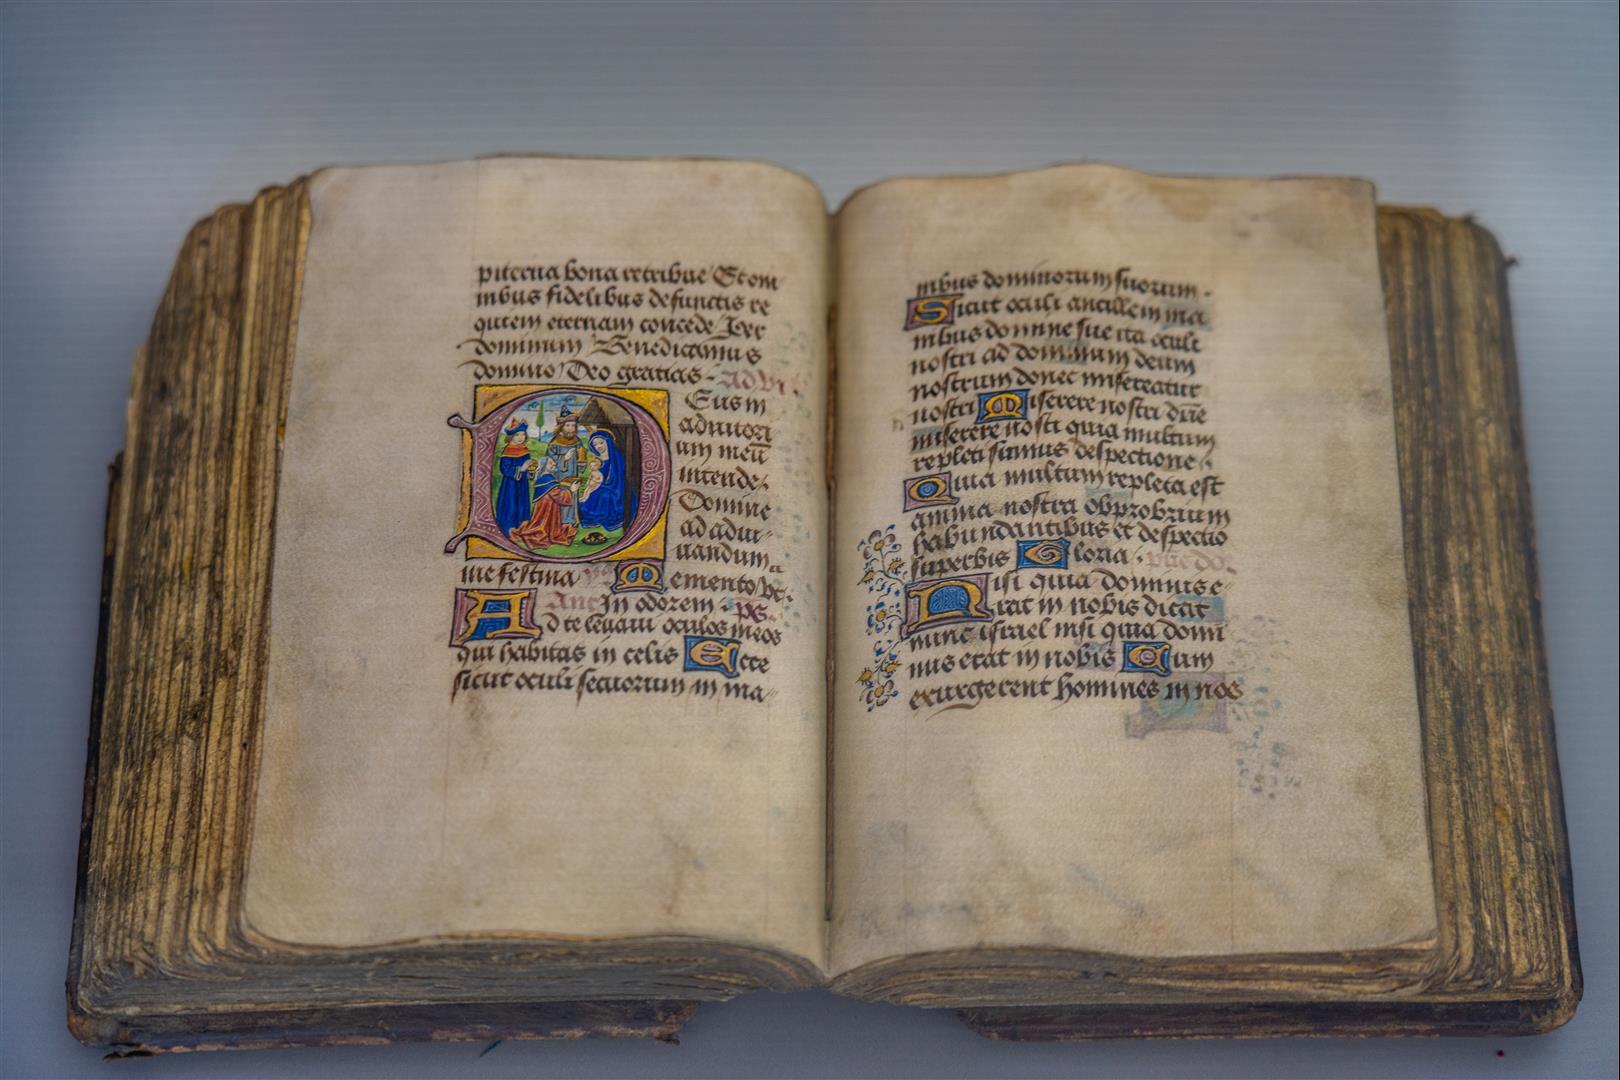 斯特拉霍夫修道院圖書館